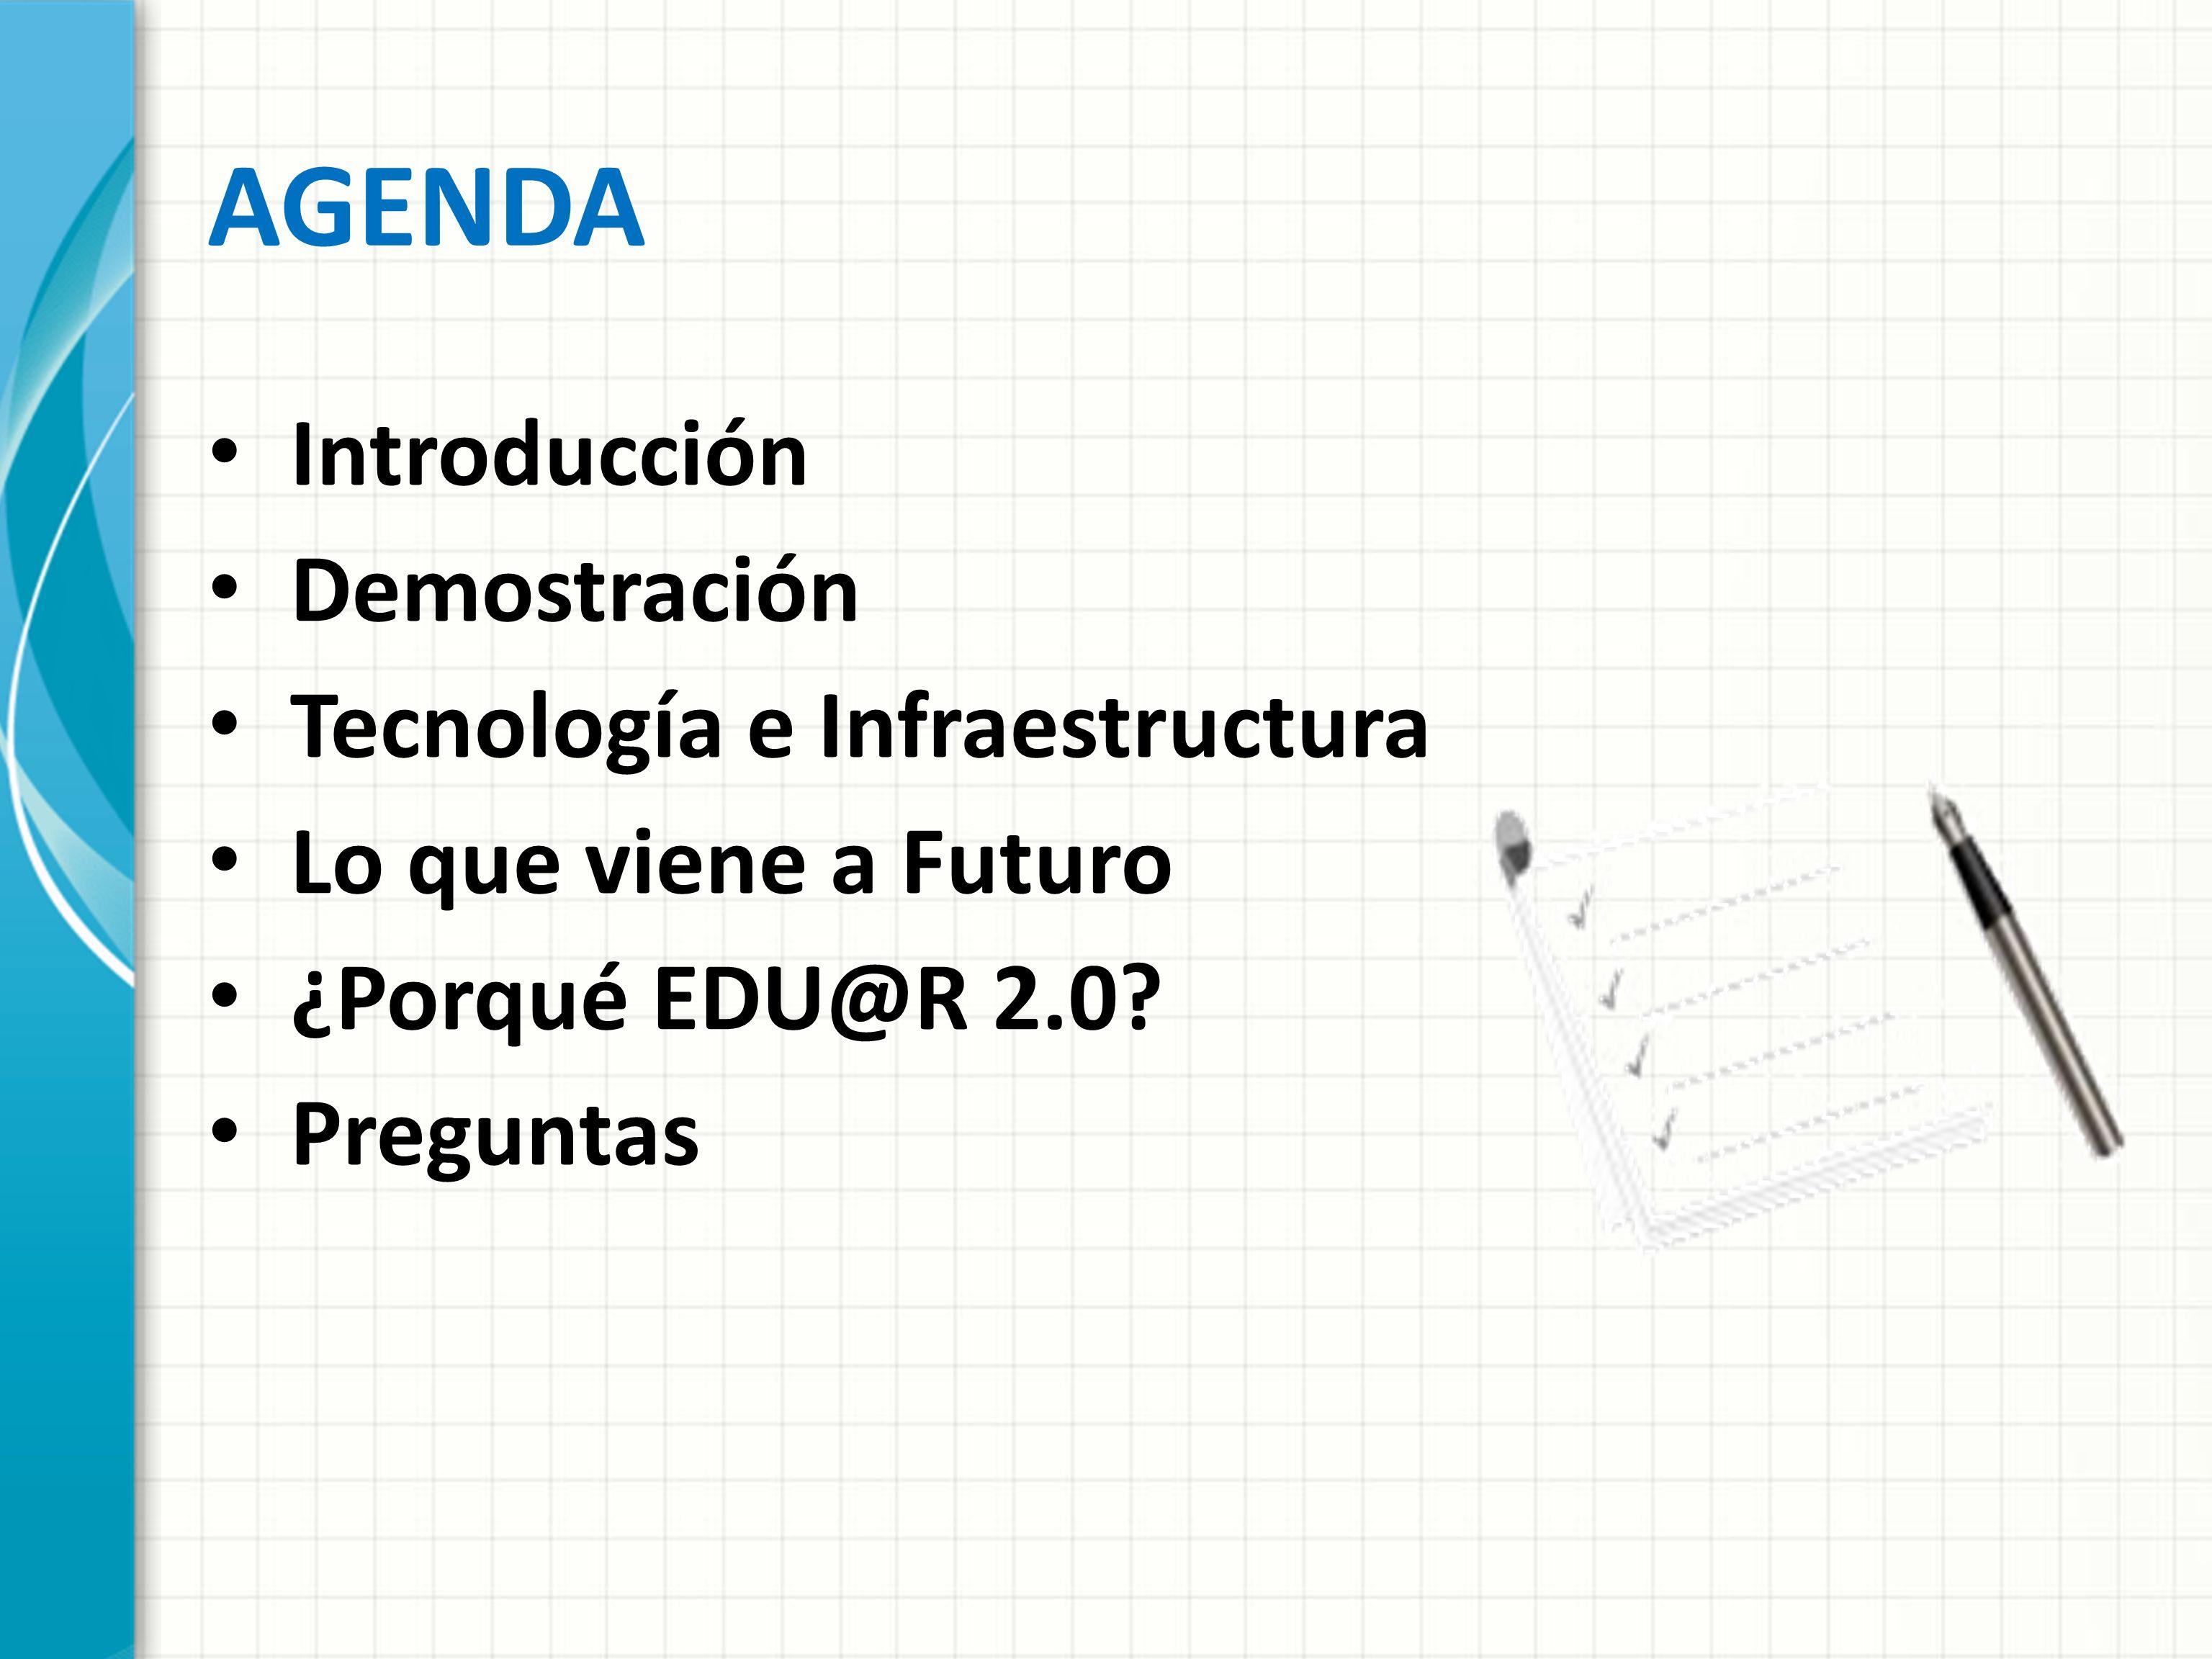 AGENDA Introducción Demostración Tecnología e Infraestructura Lo que viene a Futuro ¿Porqué EDU@R 2.0.